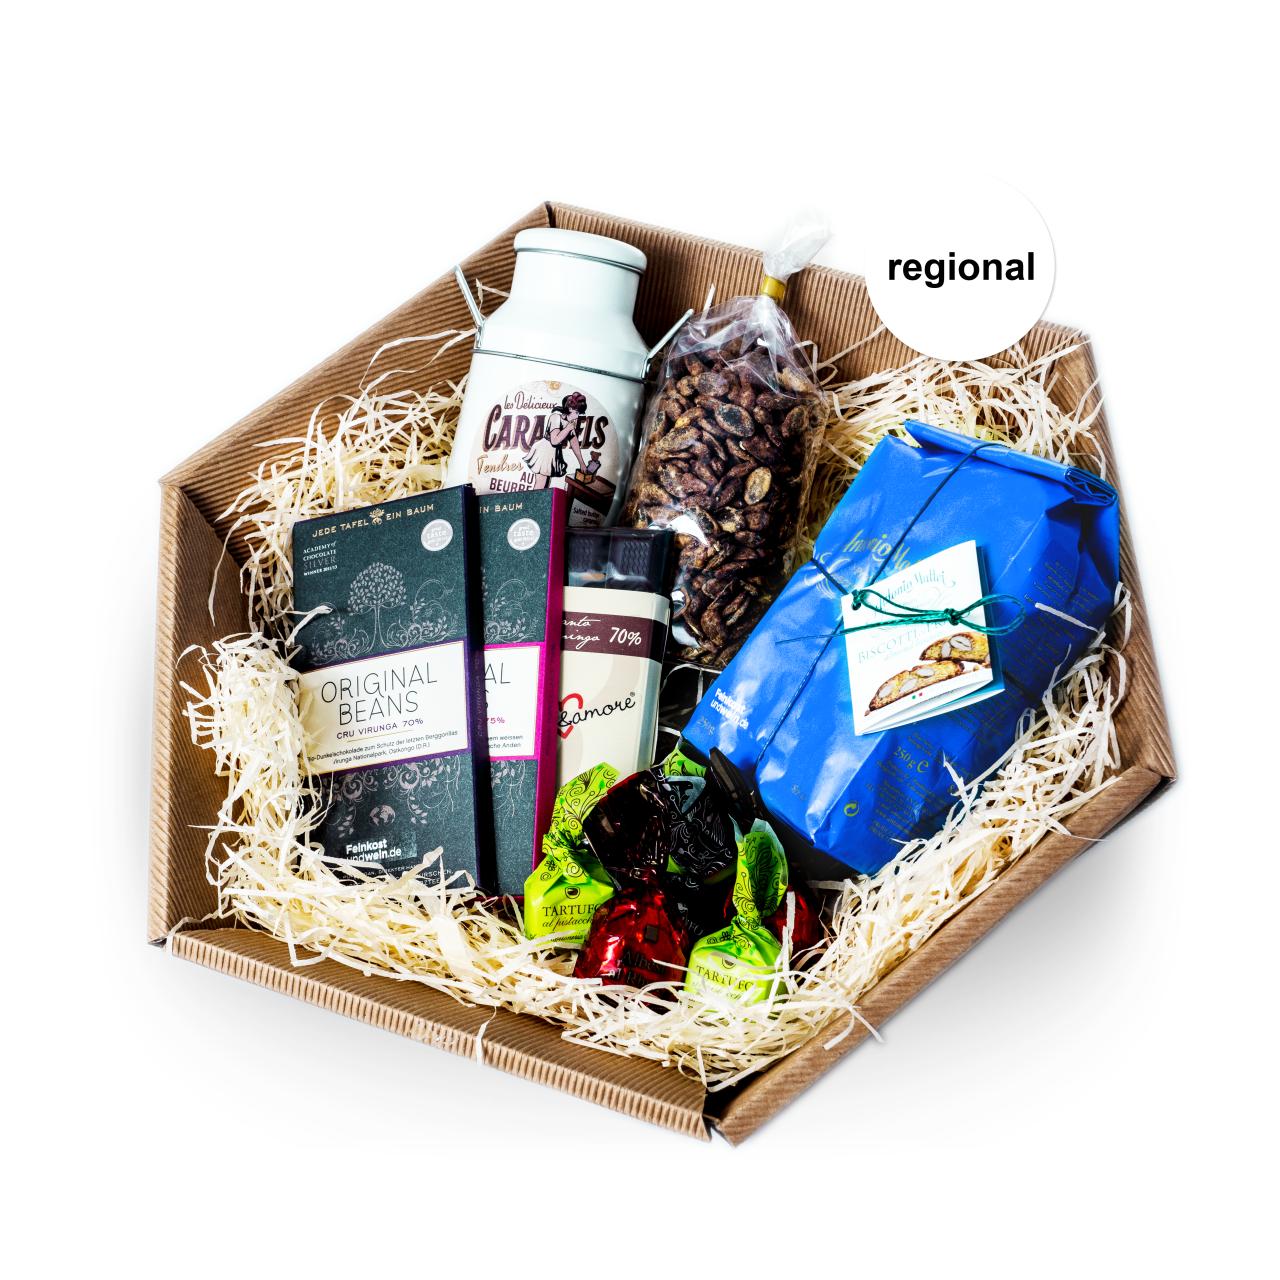 Präsentkorb Süßer Genuss Geschenke Saarland | Feinkostundwein